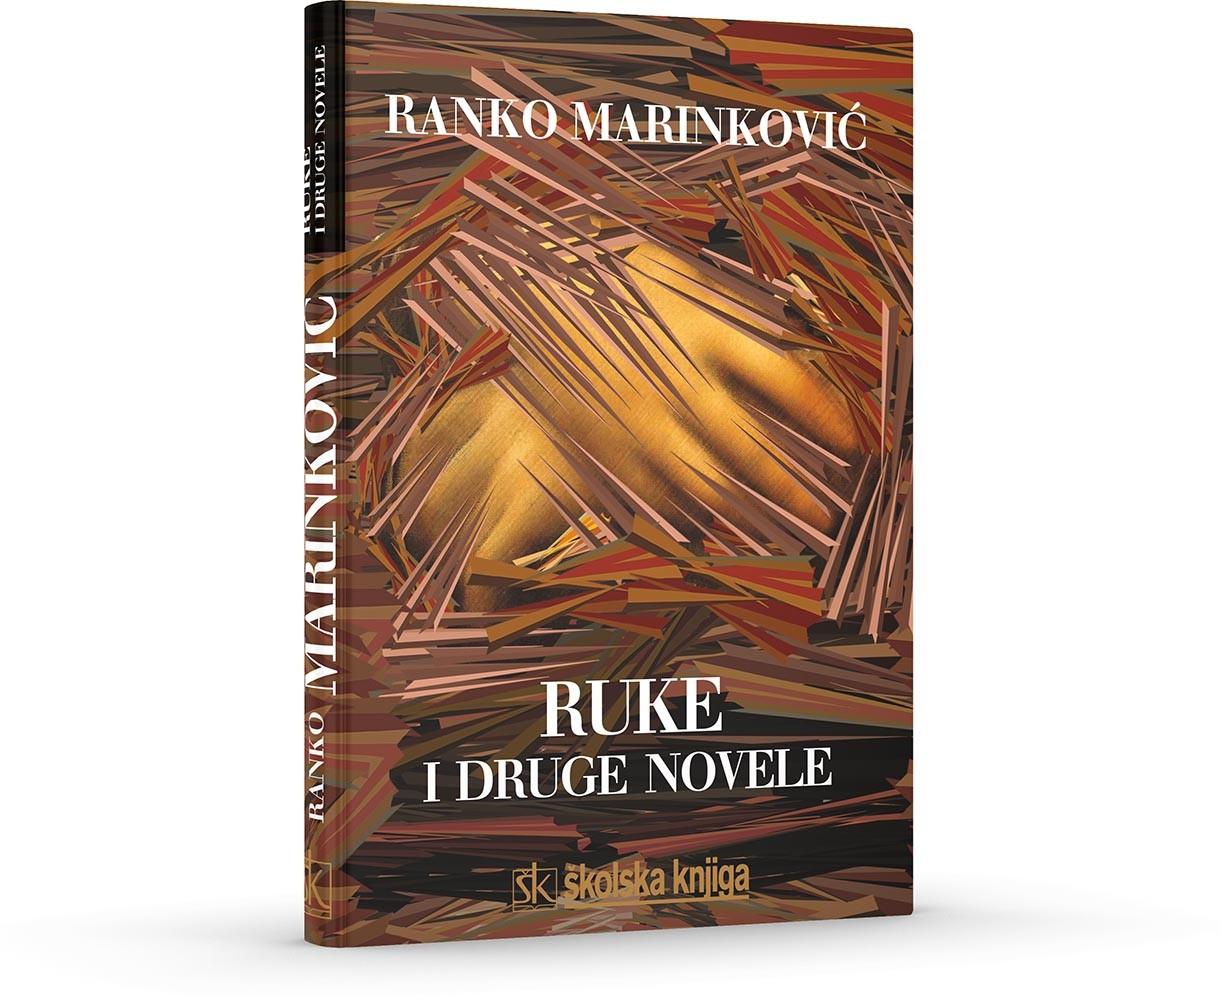 Ruke i druge novele